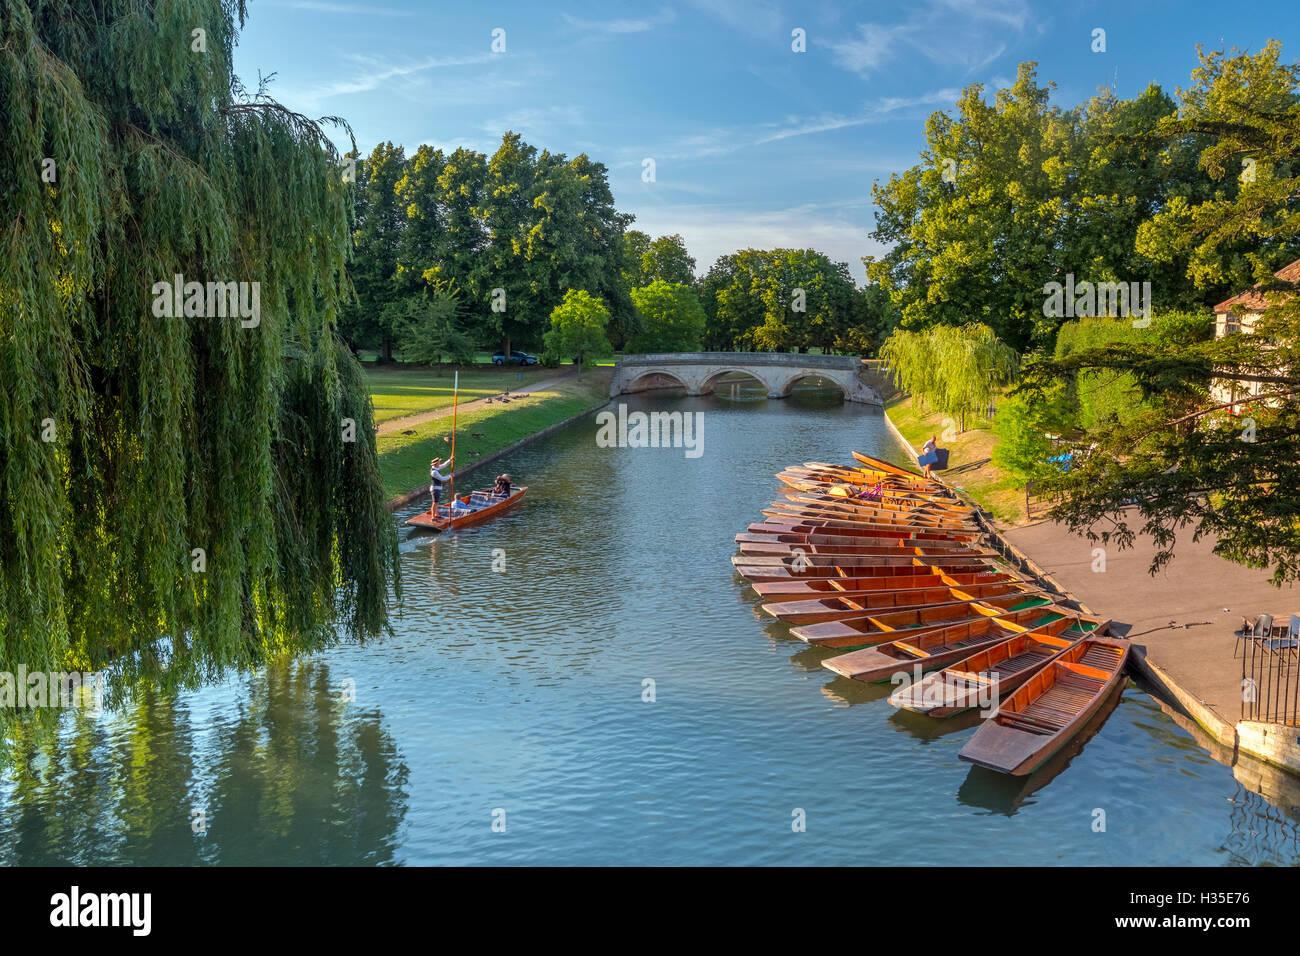 Punts on The Backs, River Cam, Cambridge, Cambridgeshire, England, UK - Stock Image